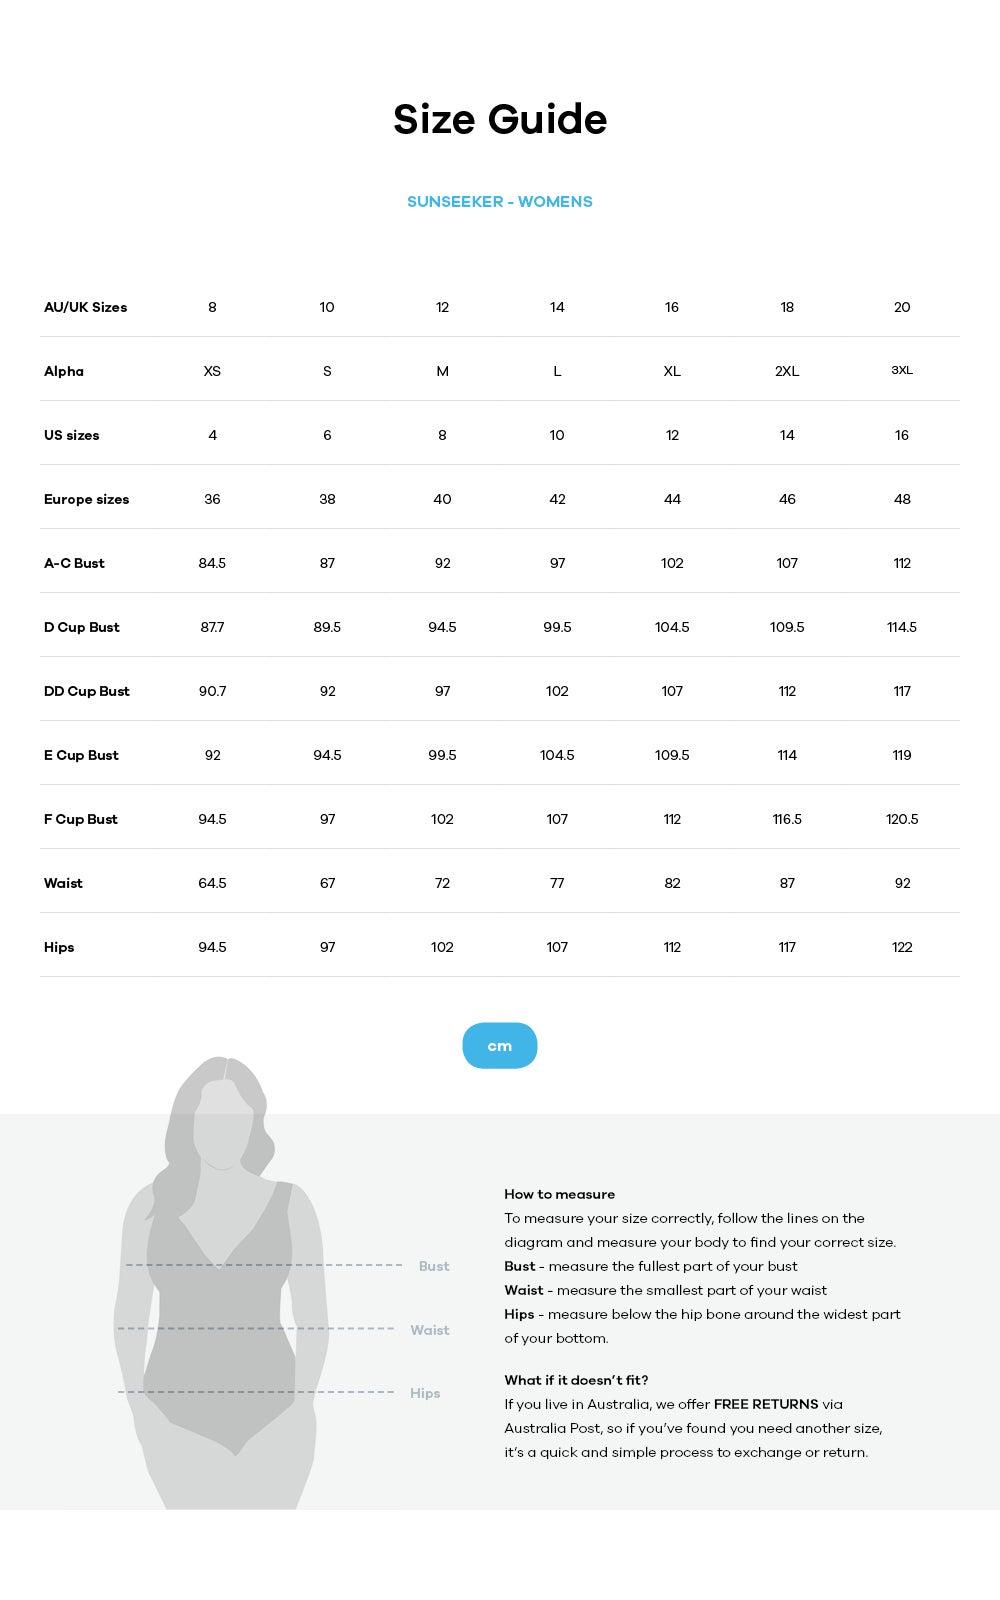 Sunseeker size guide